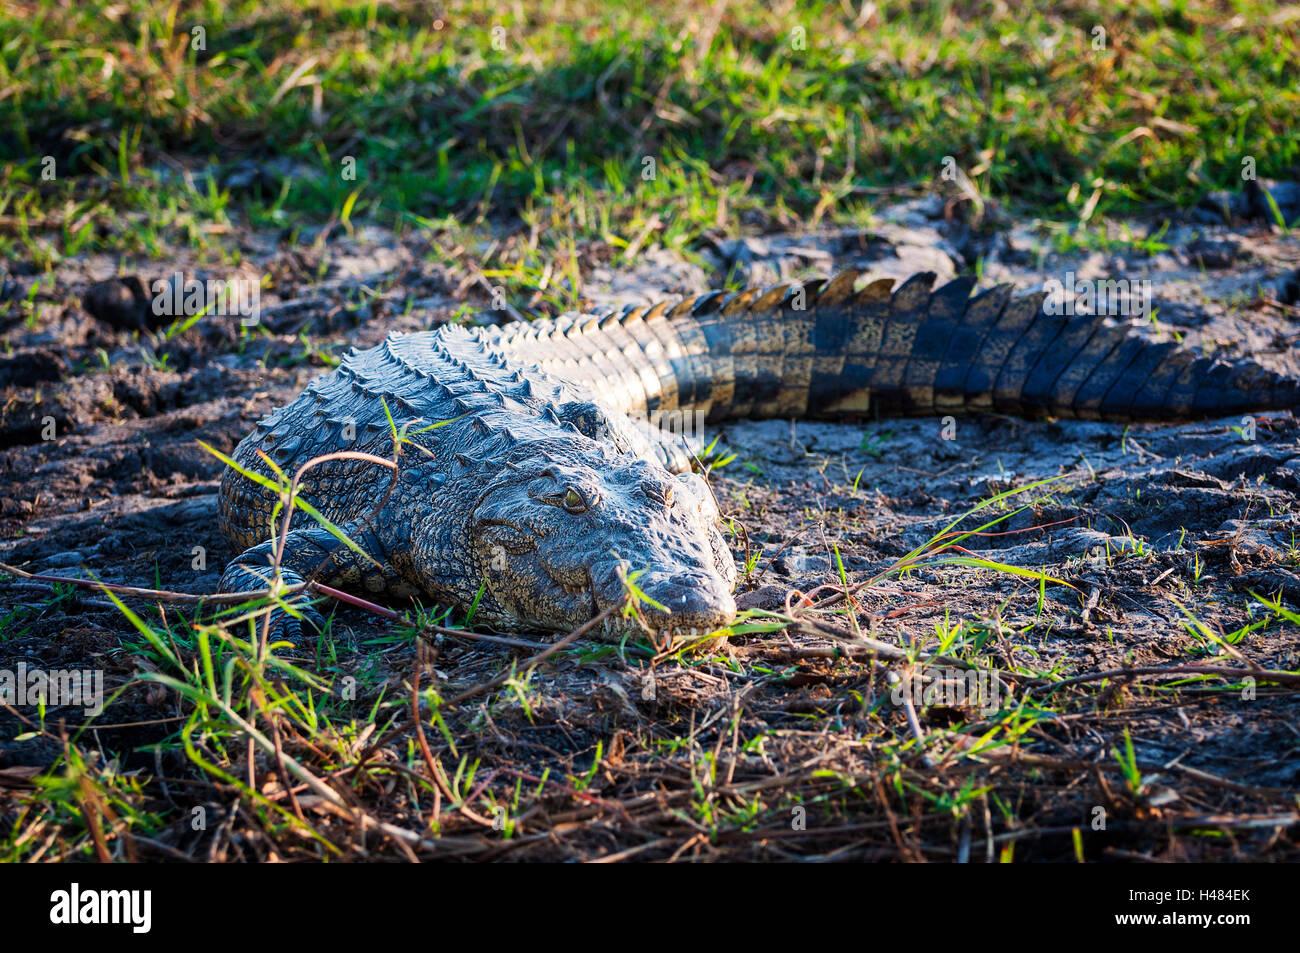 El cocodrilo del Nilo en las orillas del río Chobe, el Parque Nacional Chobe, en Botswana, África. Imagen De Stock